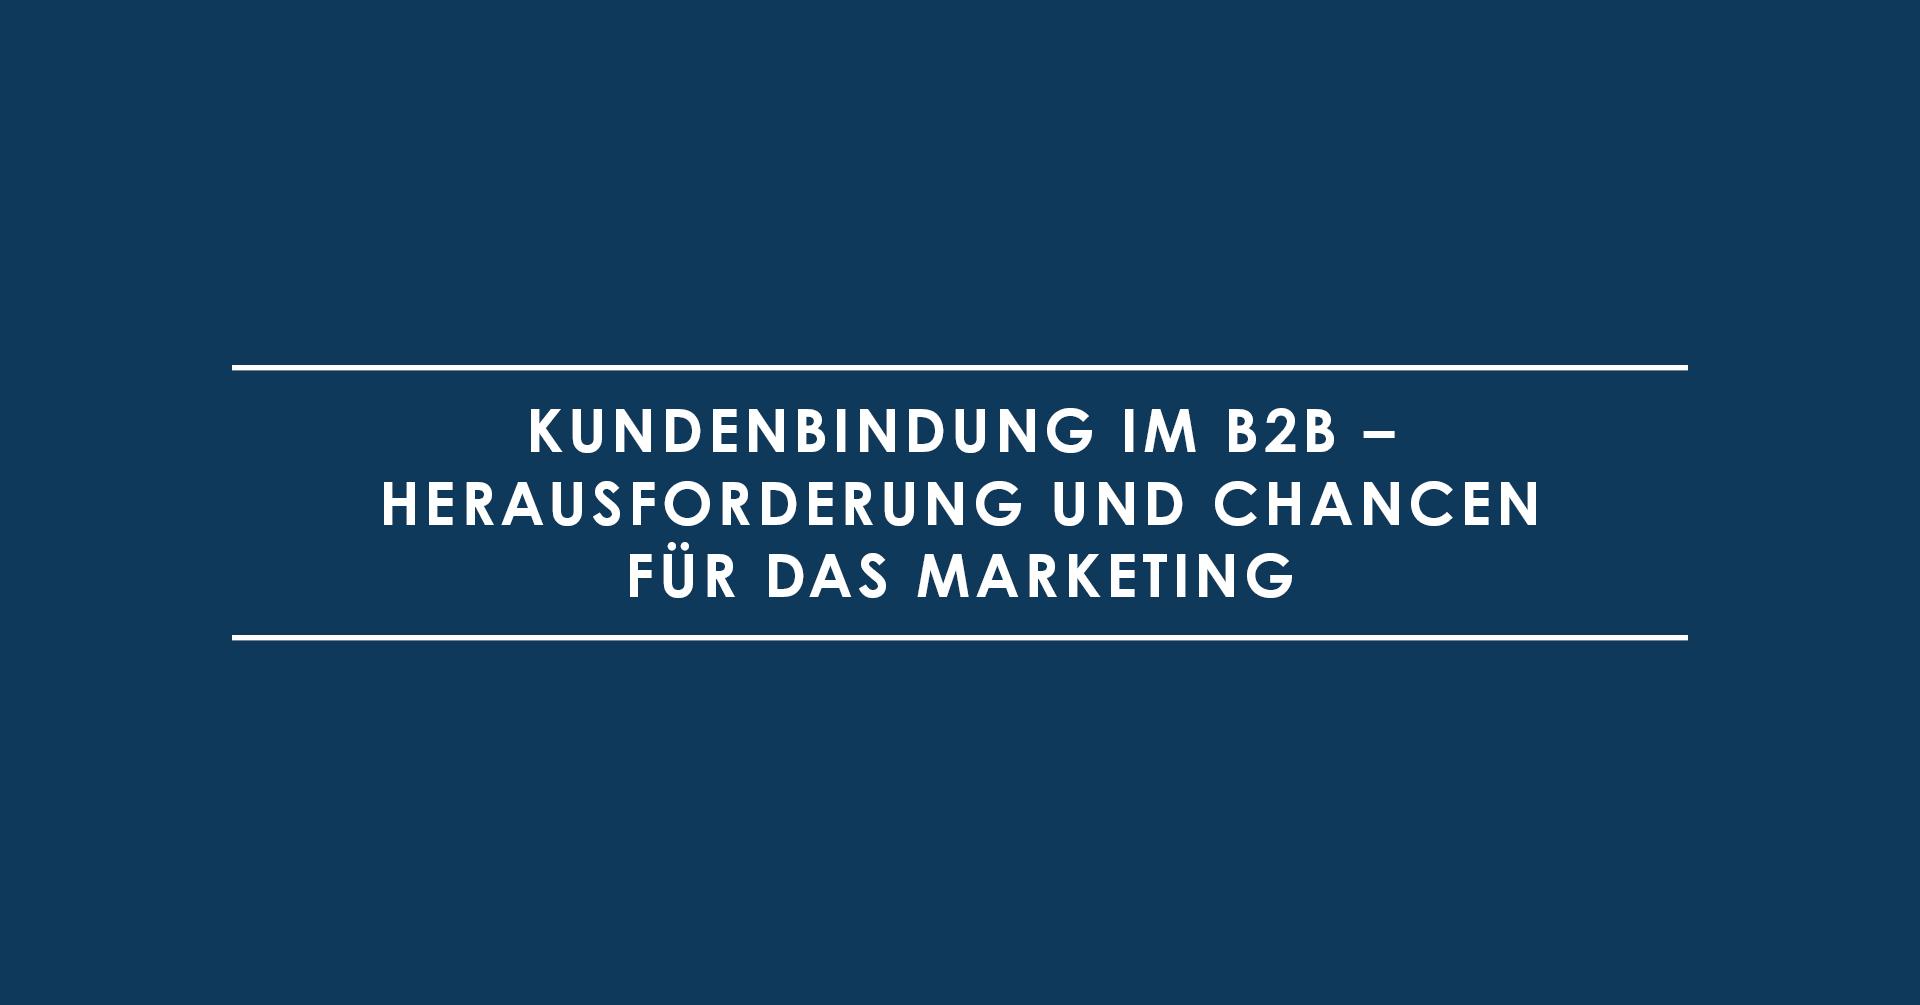 Kundenbindung im B2B – Herausforderung und Chancen für das Marketing